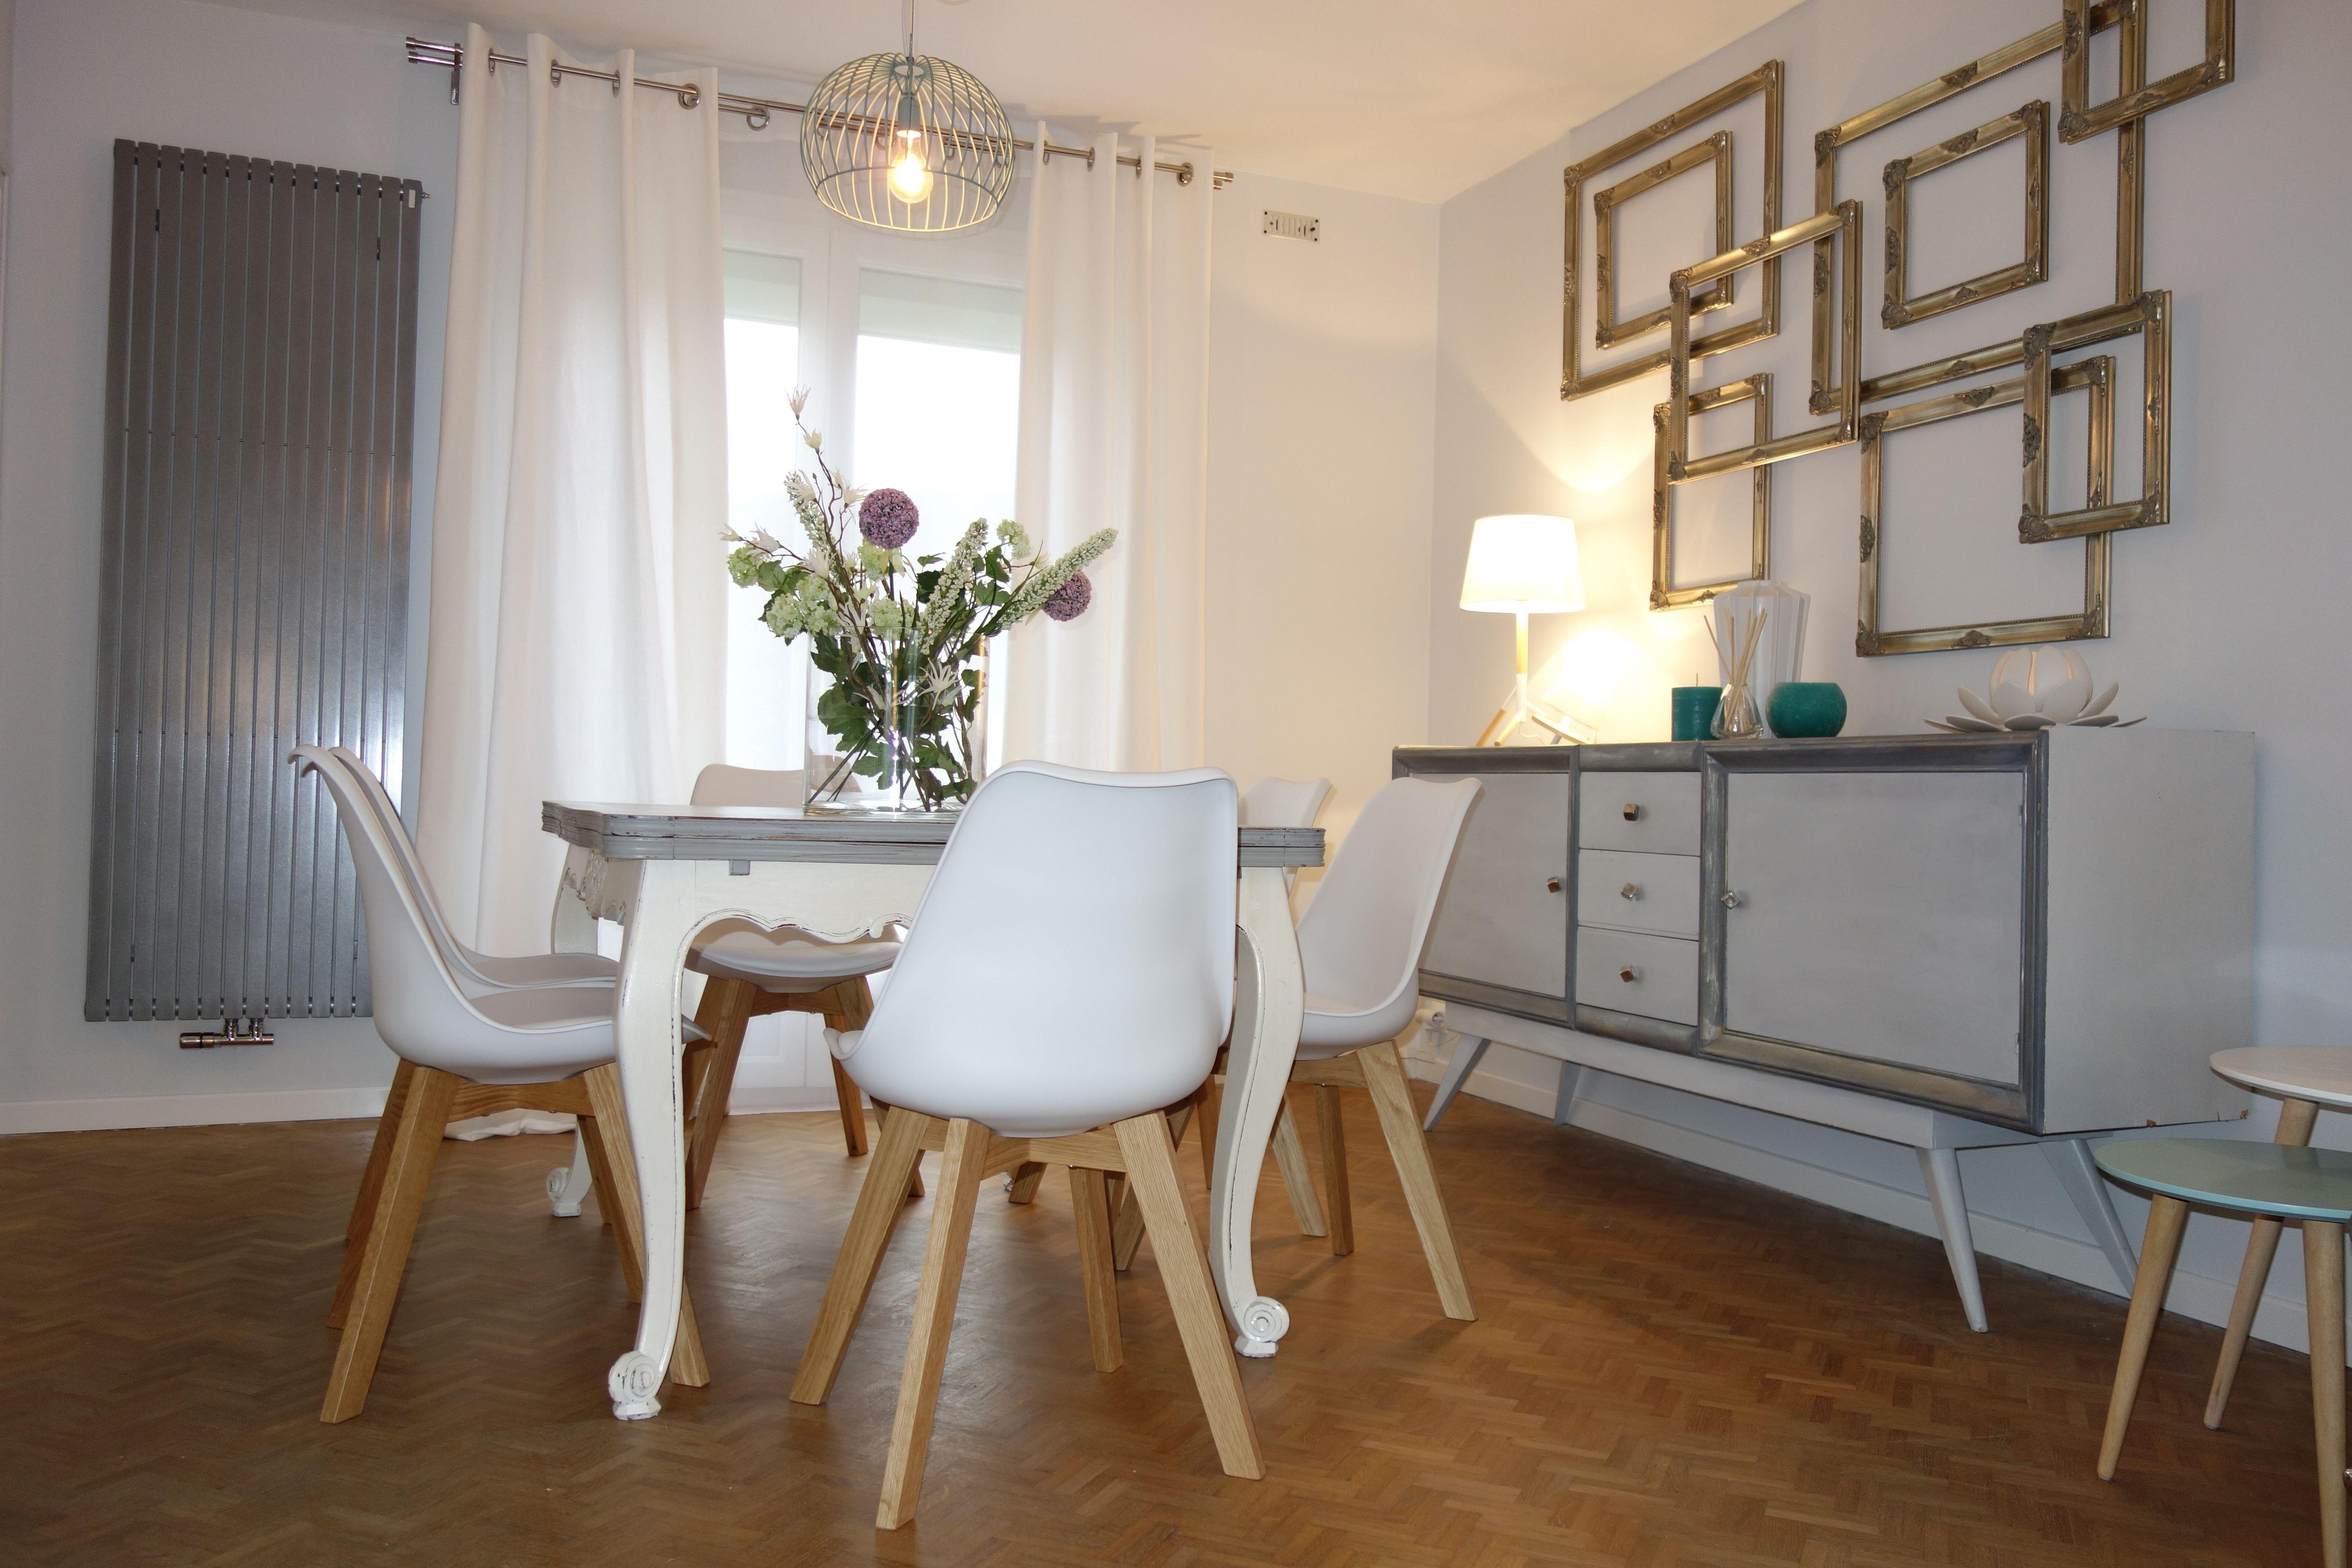 les 25 meilleures id es de la cat gorie relooking salon sur pinterest relooker cuisine maison. Black Bedroom Furniture Sets. Home Design Ideas